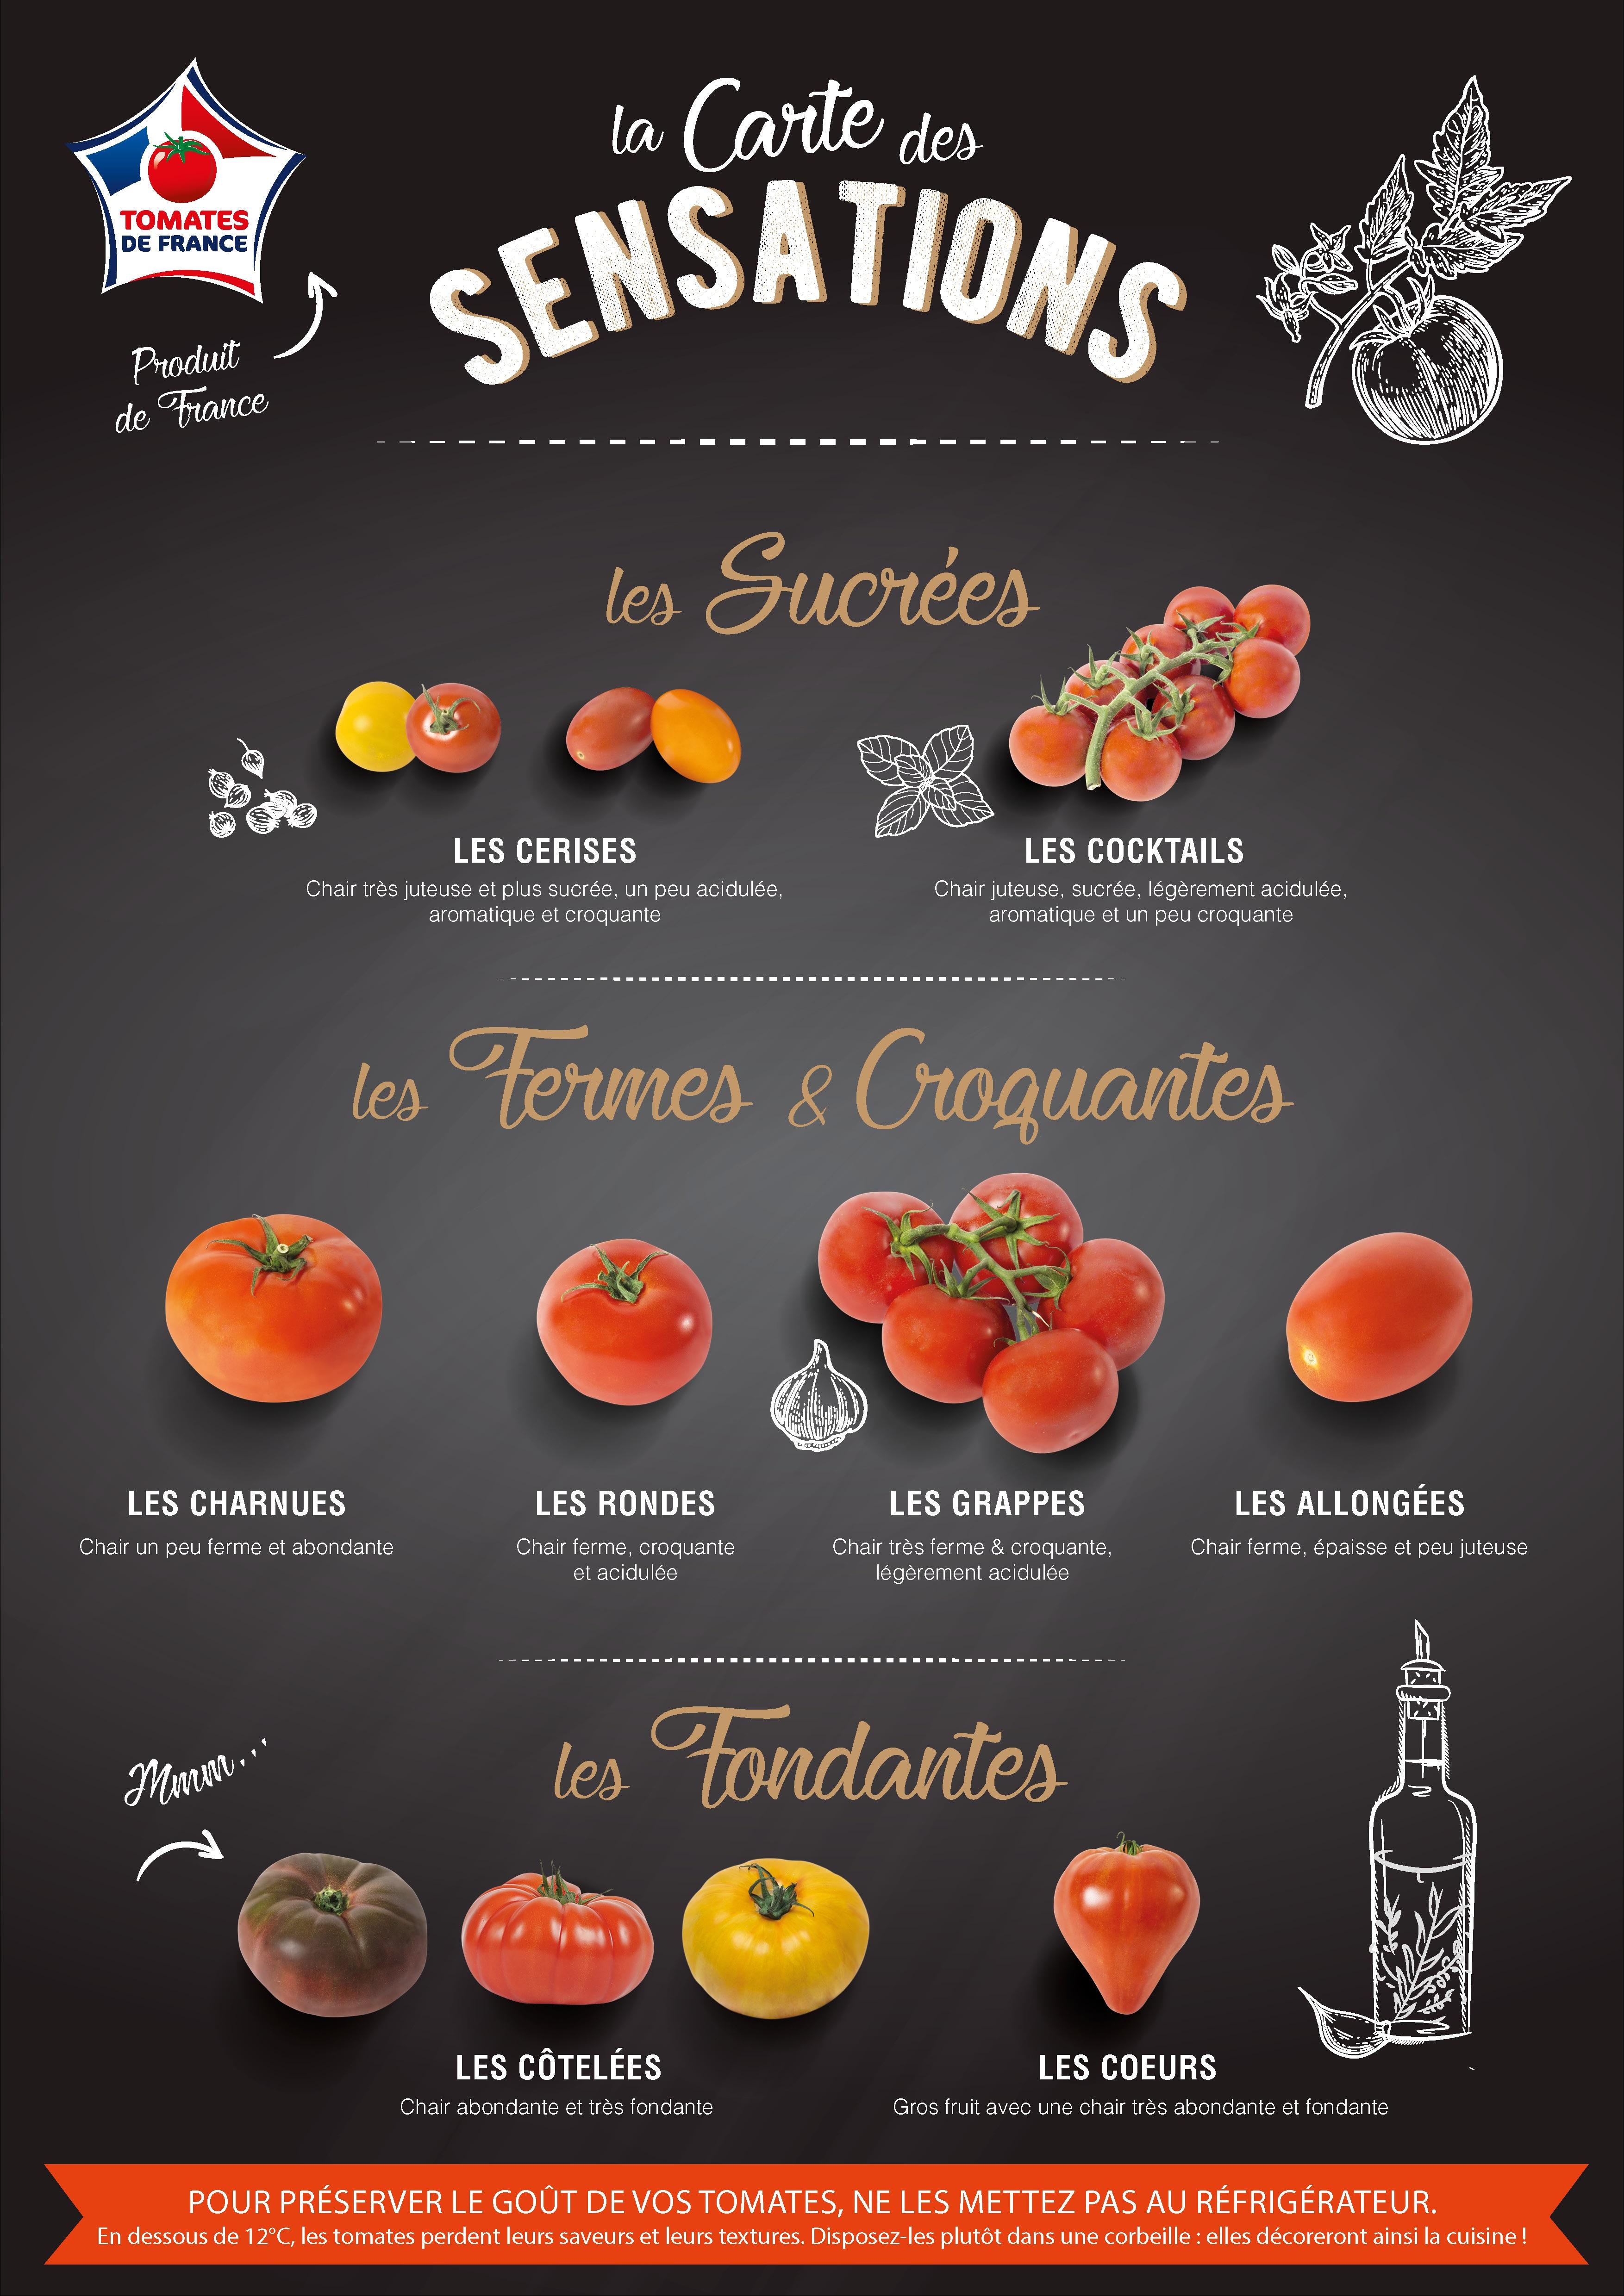 le goût des tomates de France